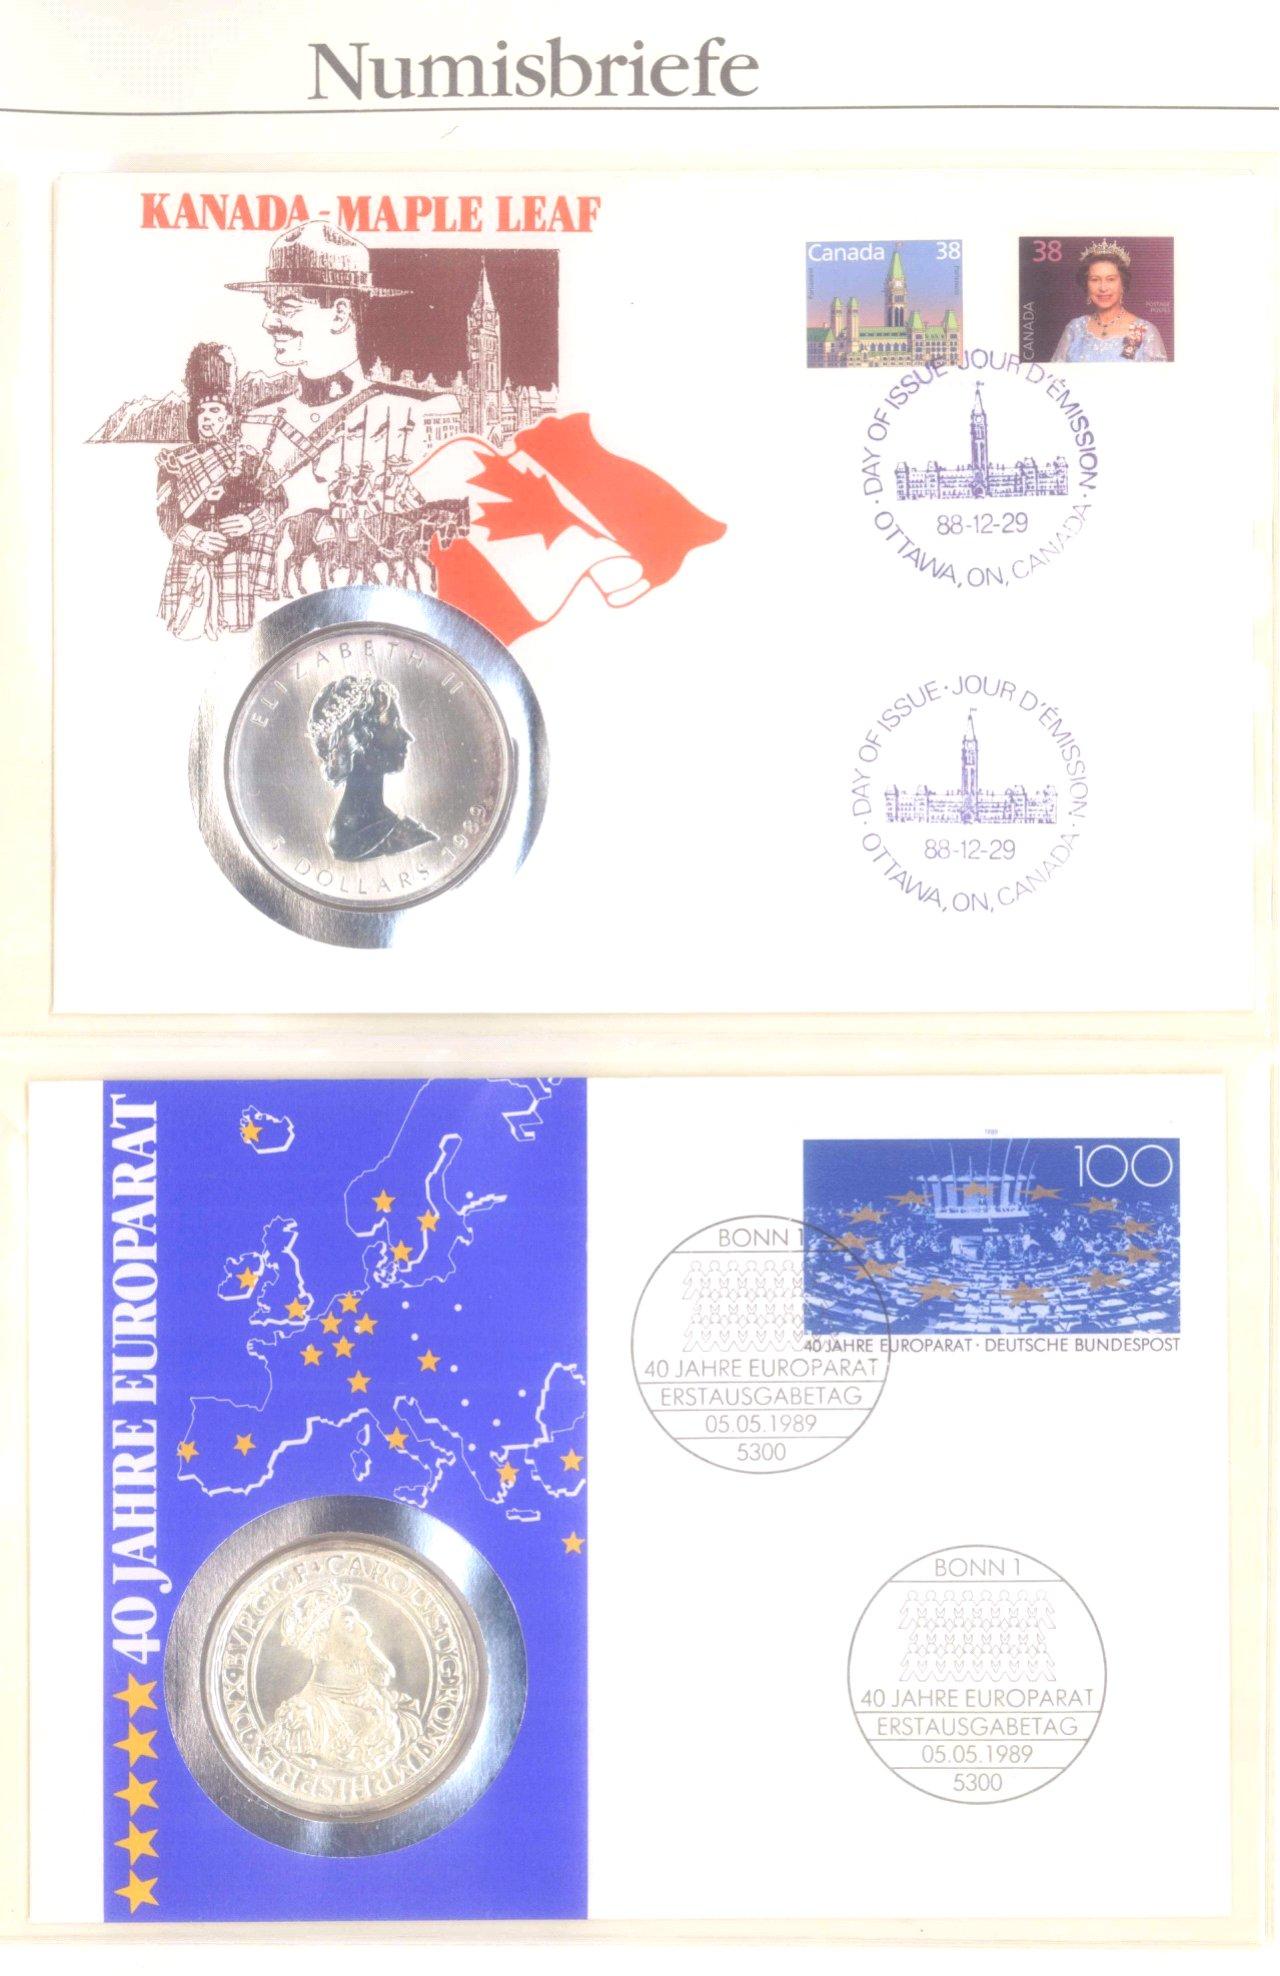 Sammlung Numisbriefe-13